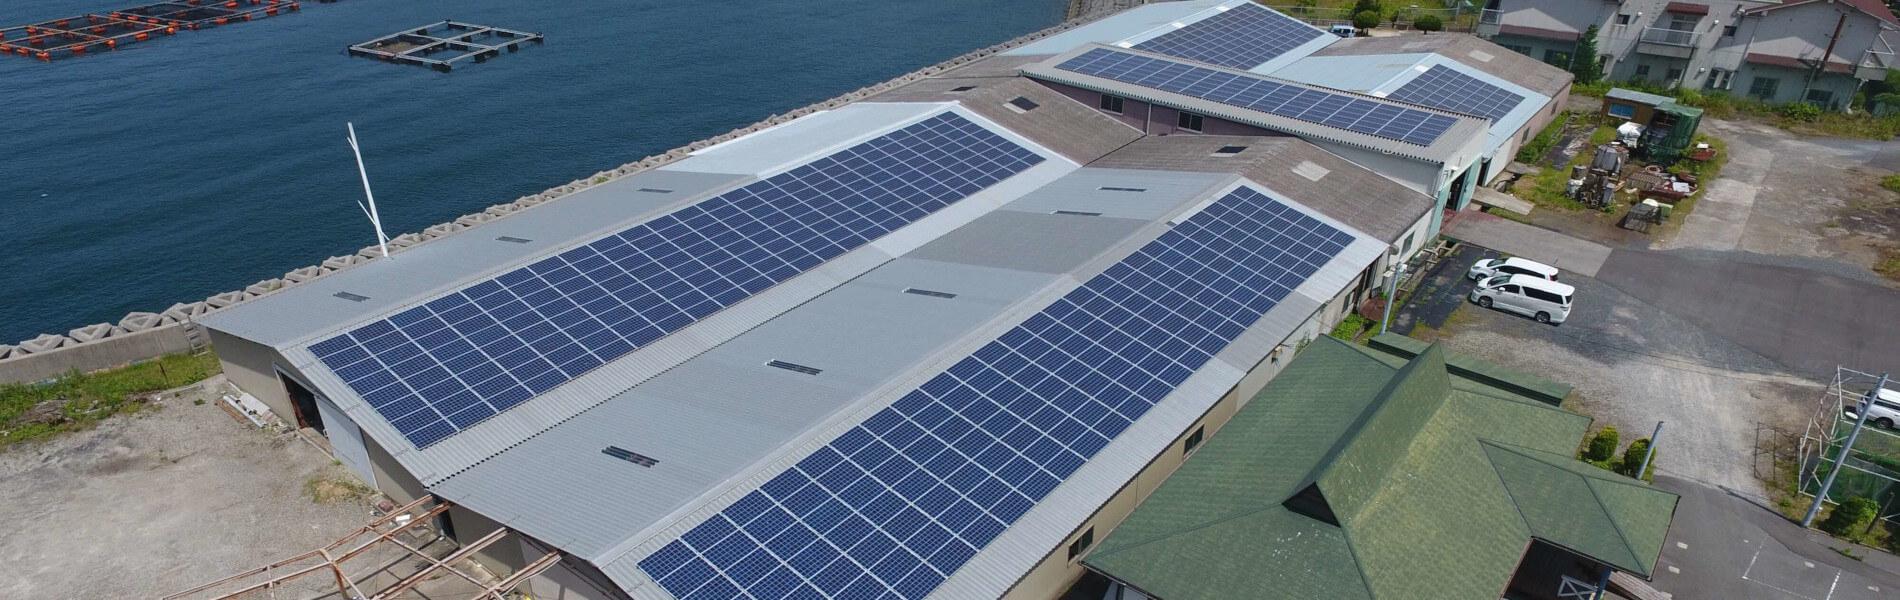 太陽光発電事